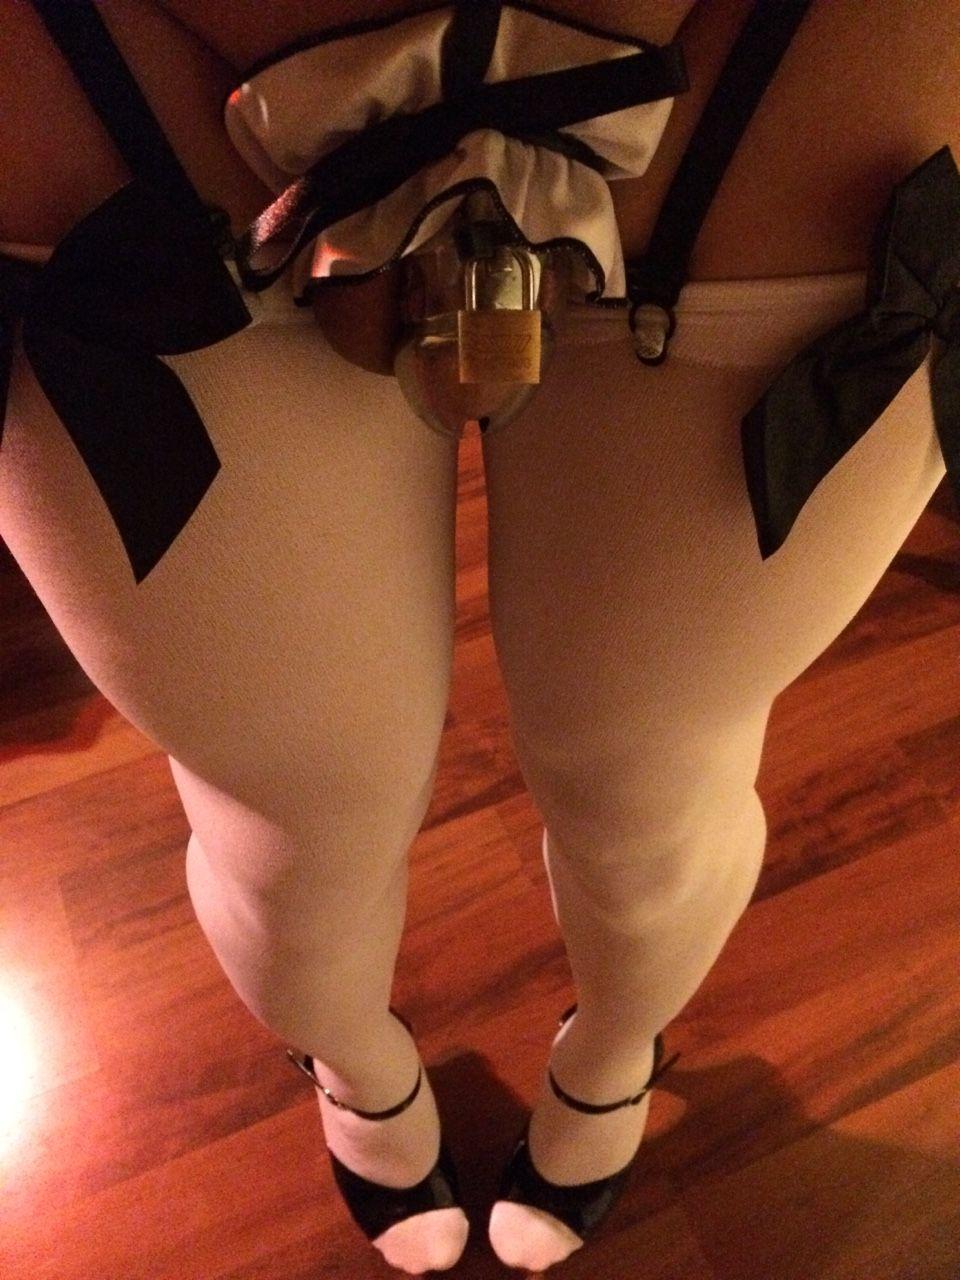 crossdresser chastity Sissy